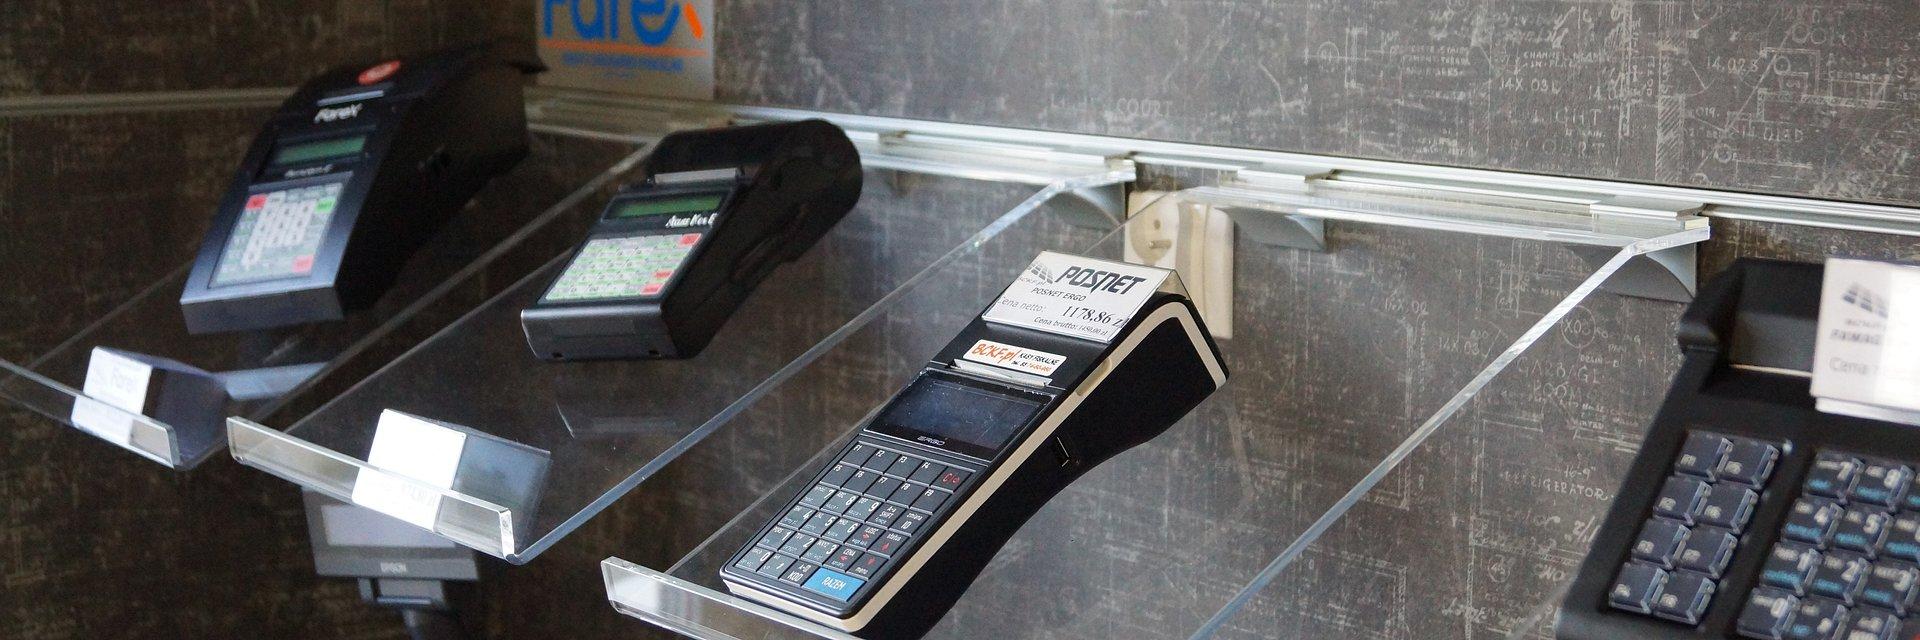 Rusza pierwsza w województwie podlaskim wypożyczalnia urządzeń fiskalnych!